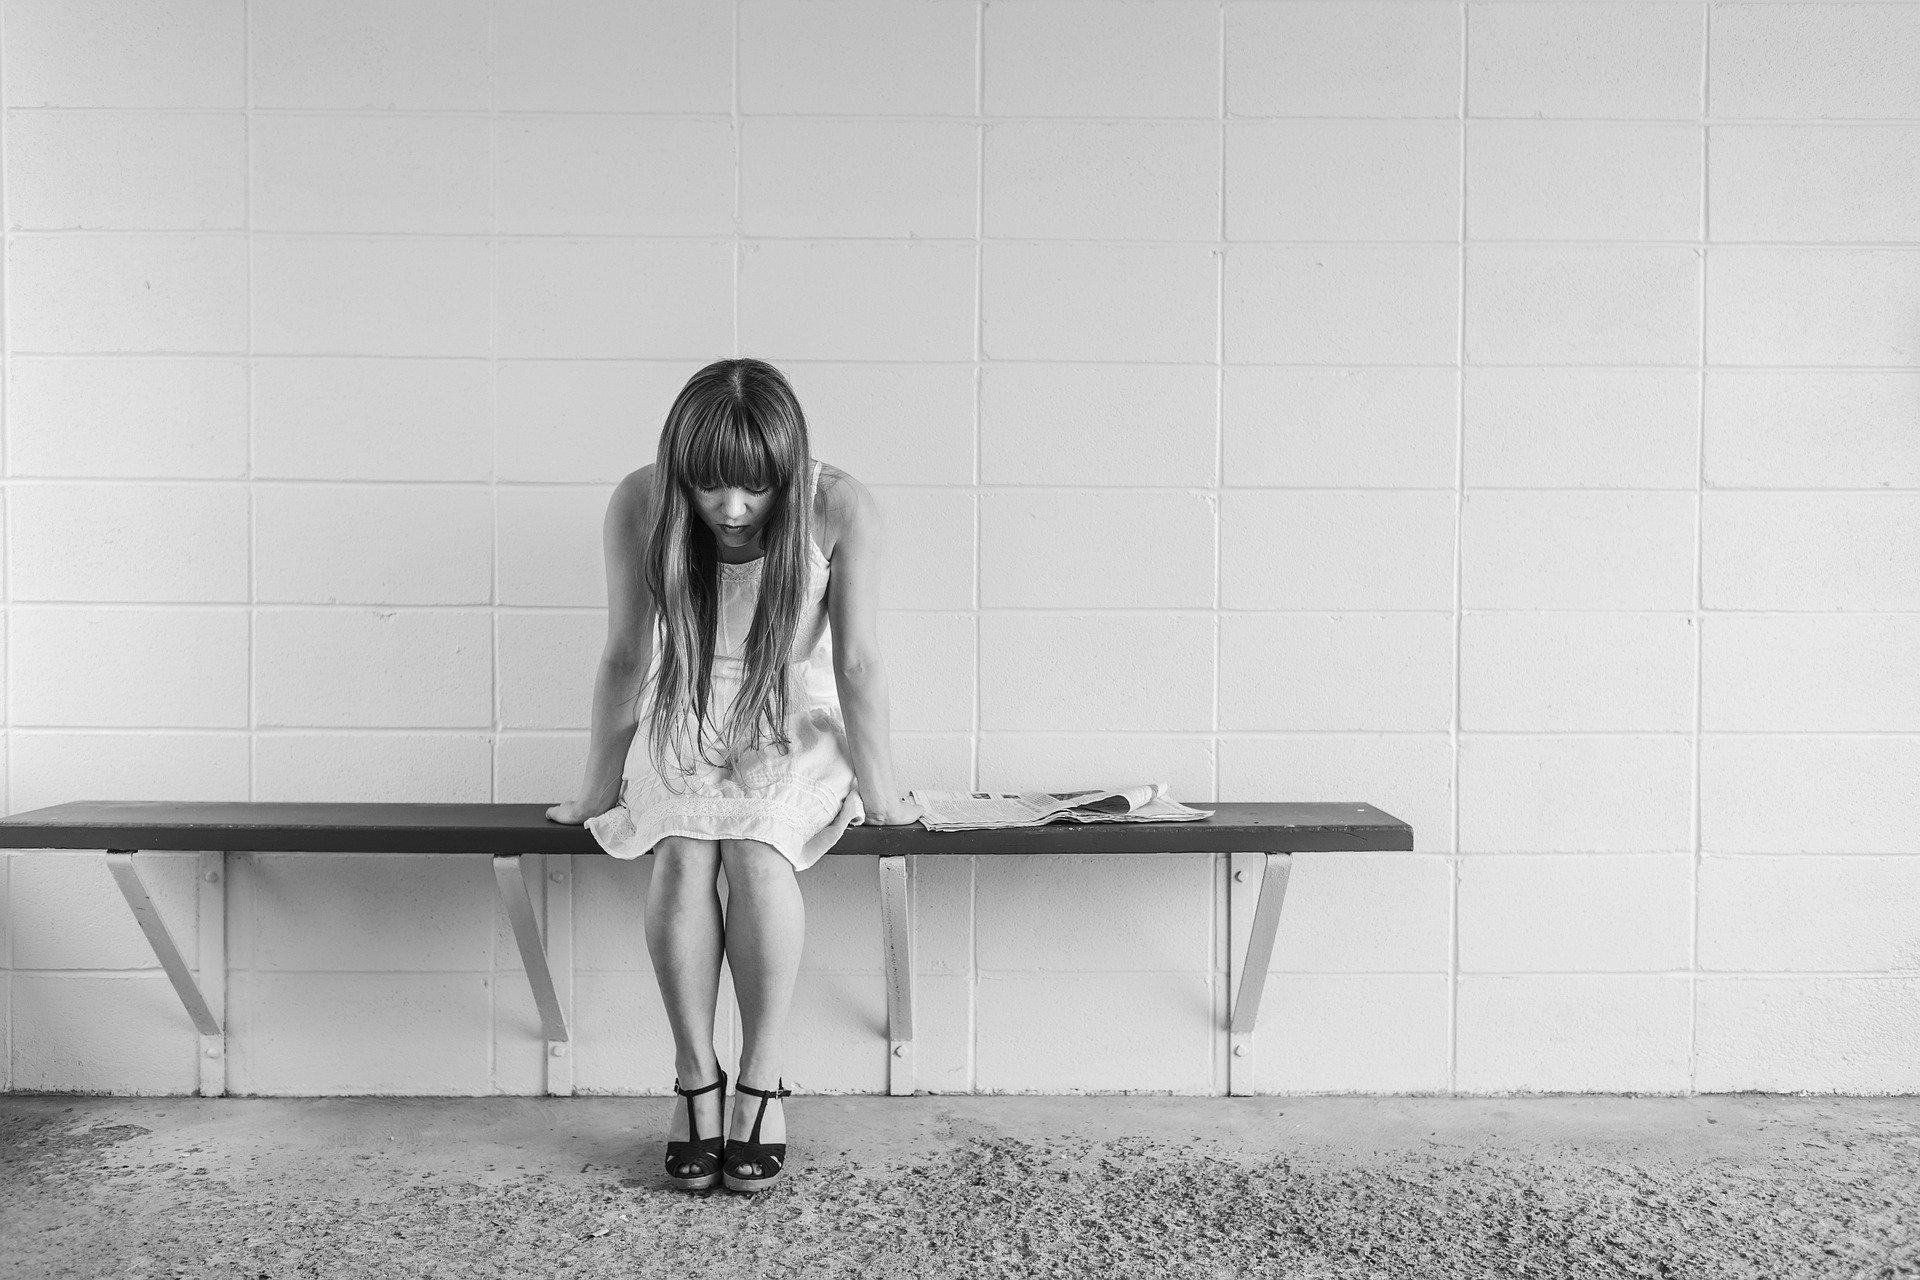 sad girl on bench